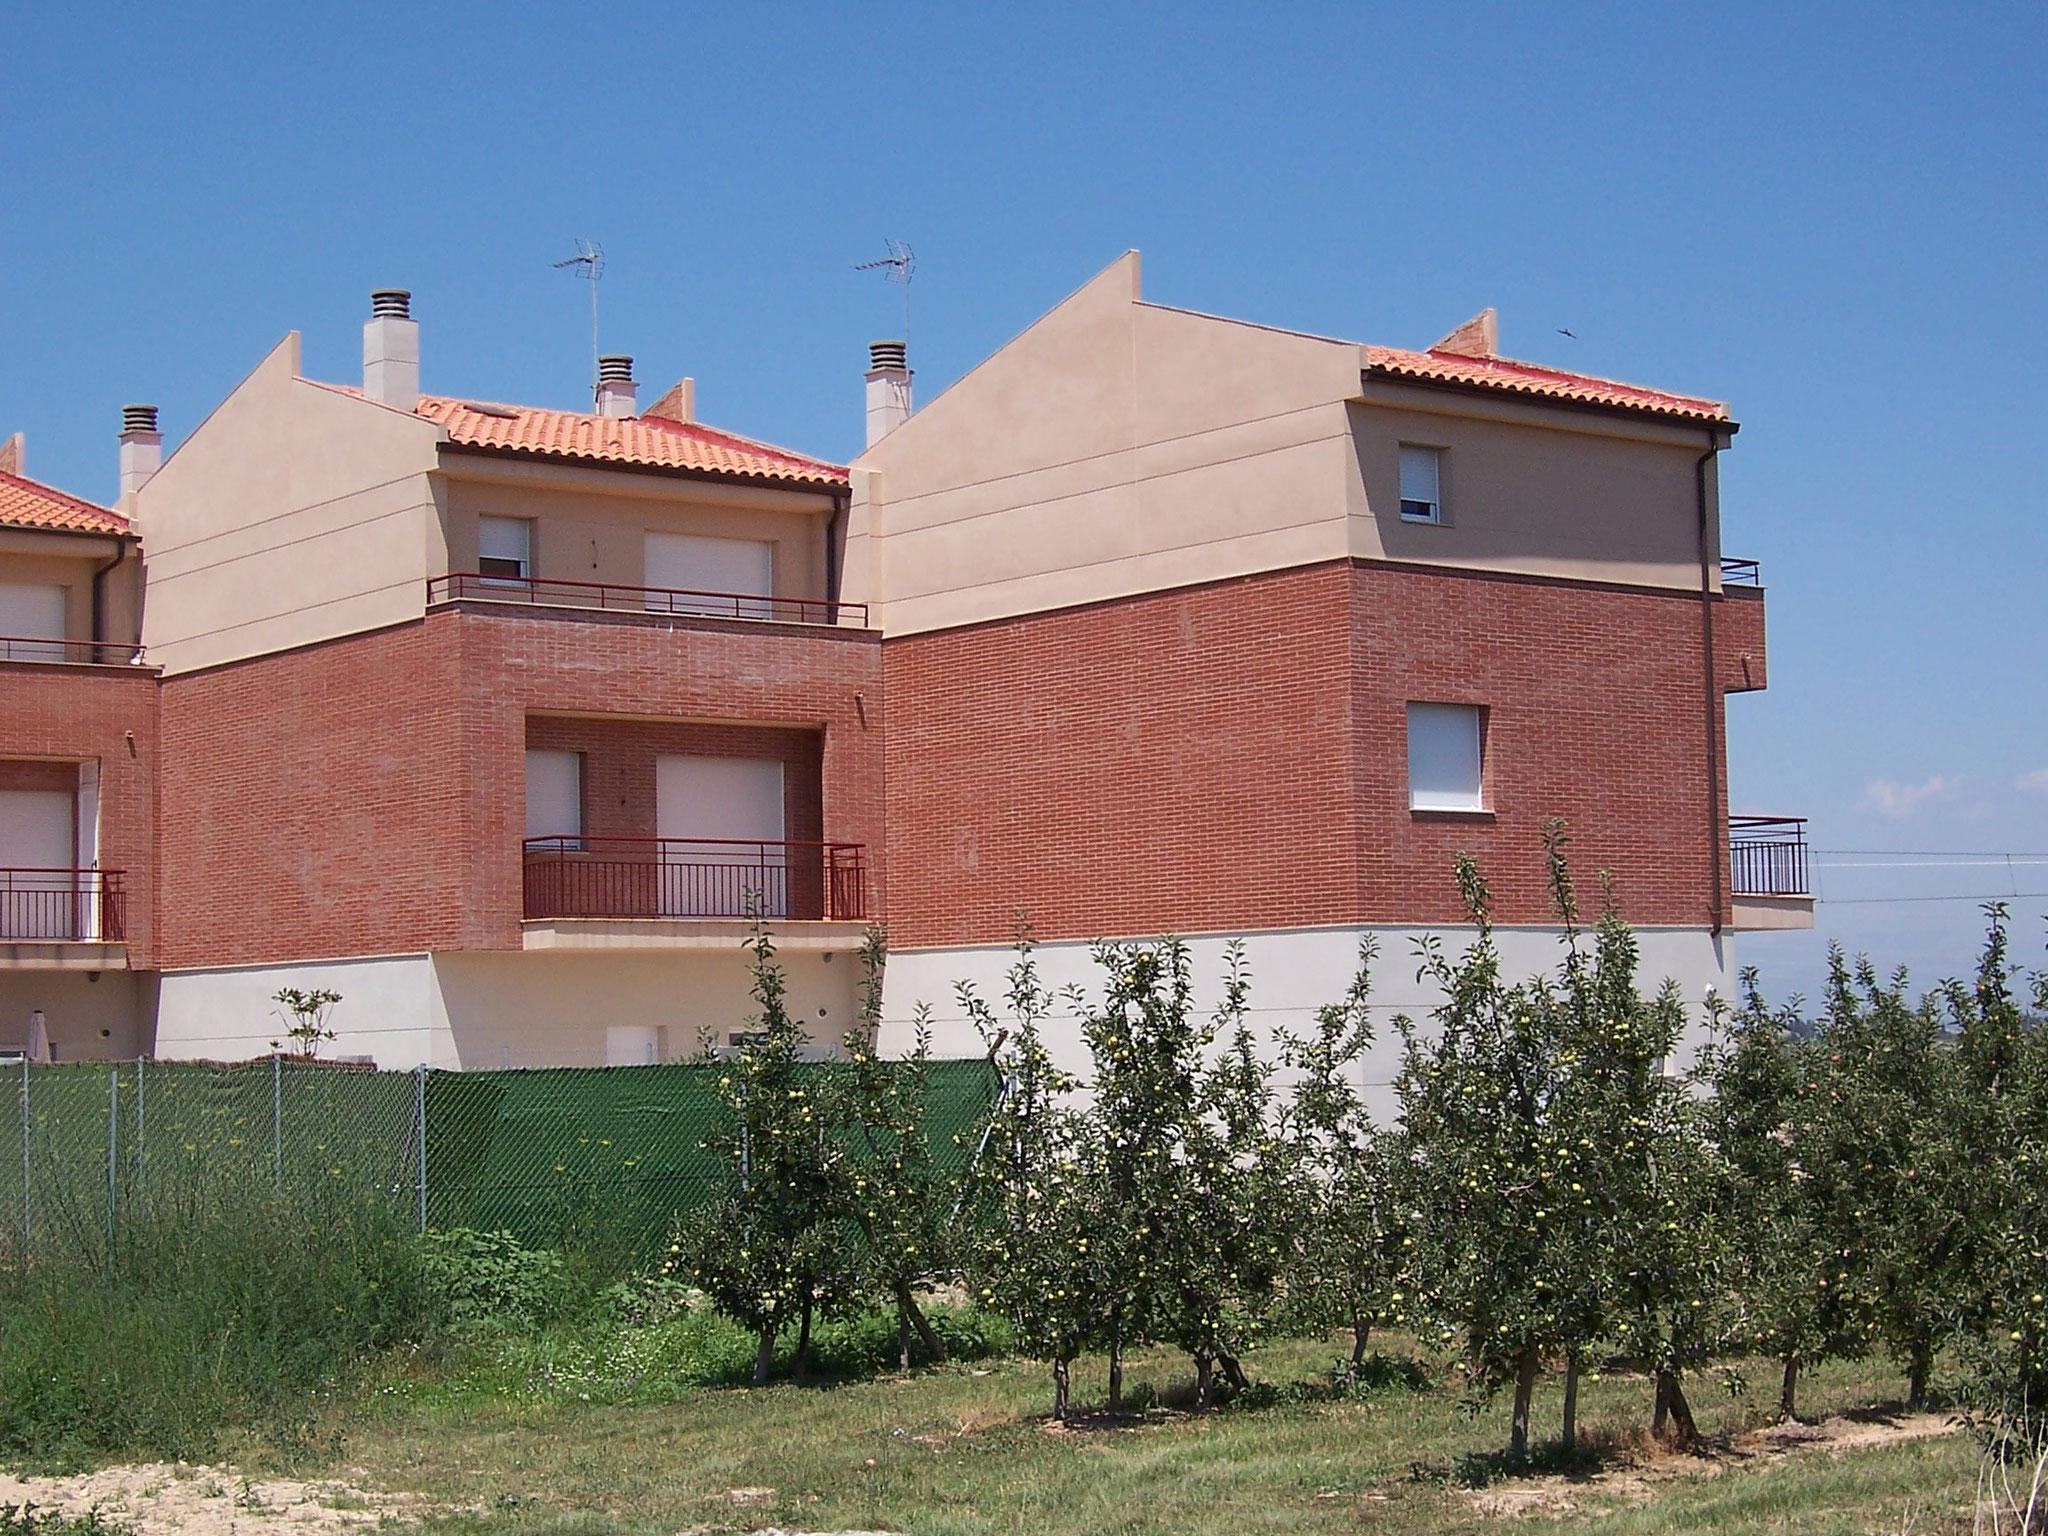 30 Casas unifamiliares adosadas. 20 VPO (Miralcamp - Lleida) Gestión de Promoción